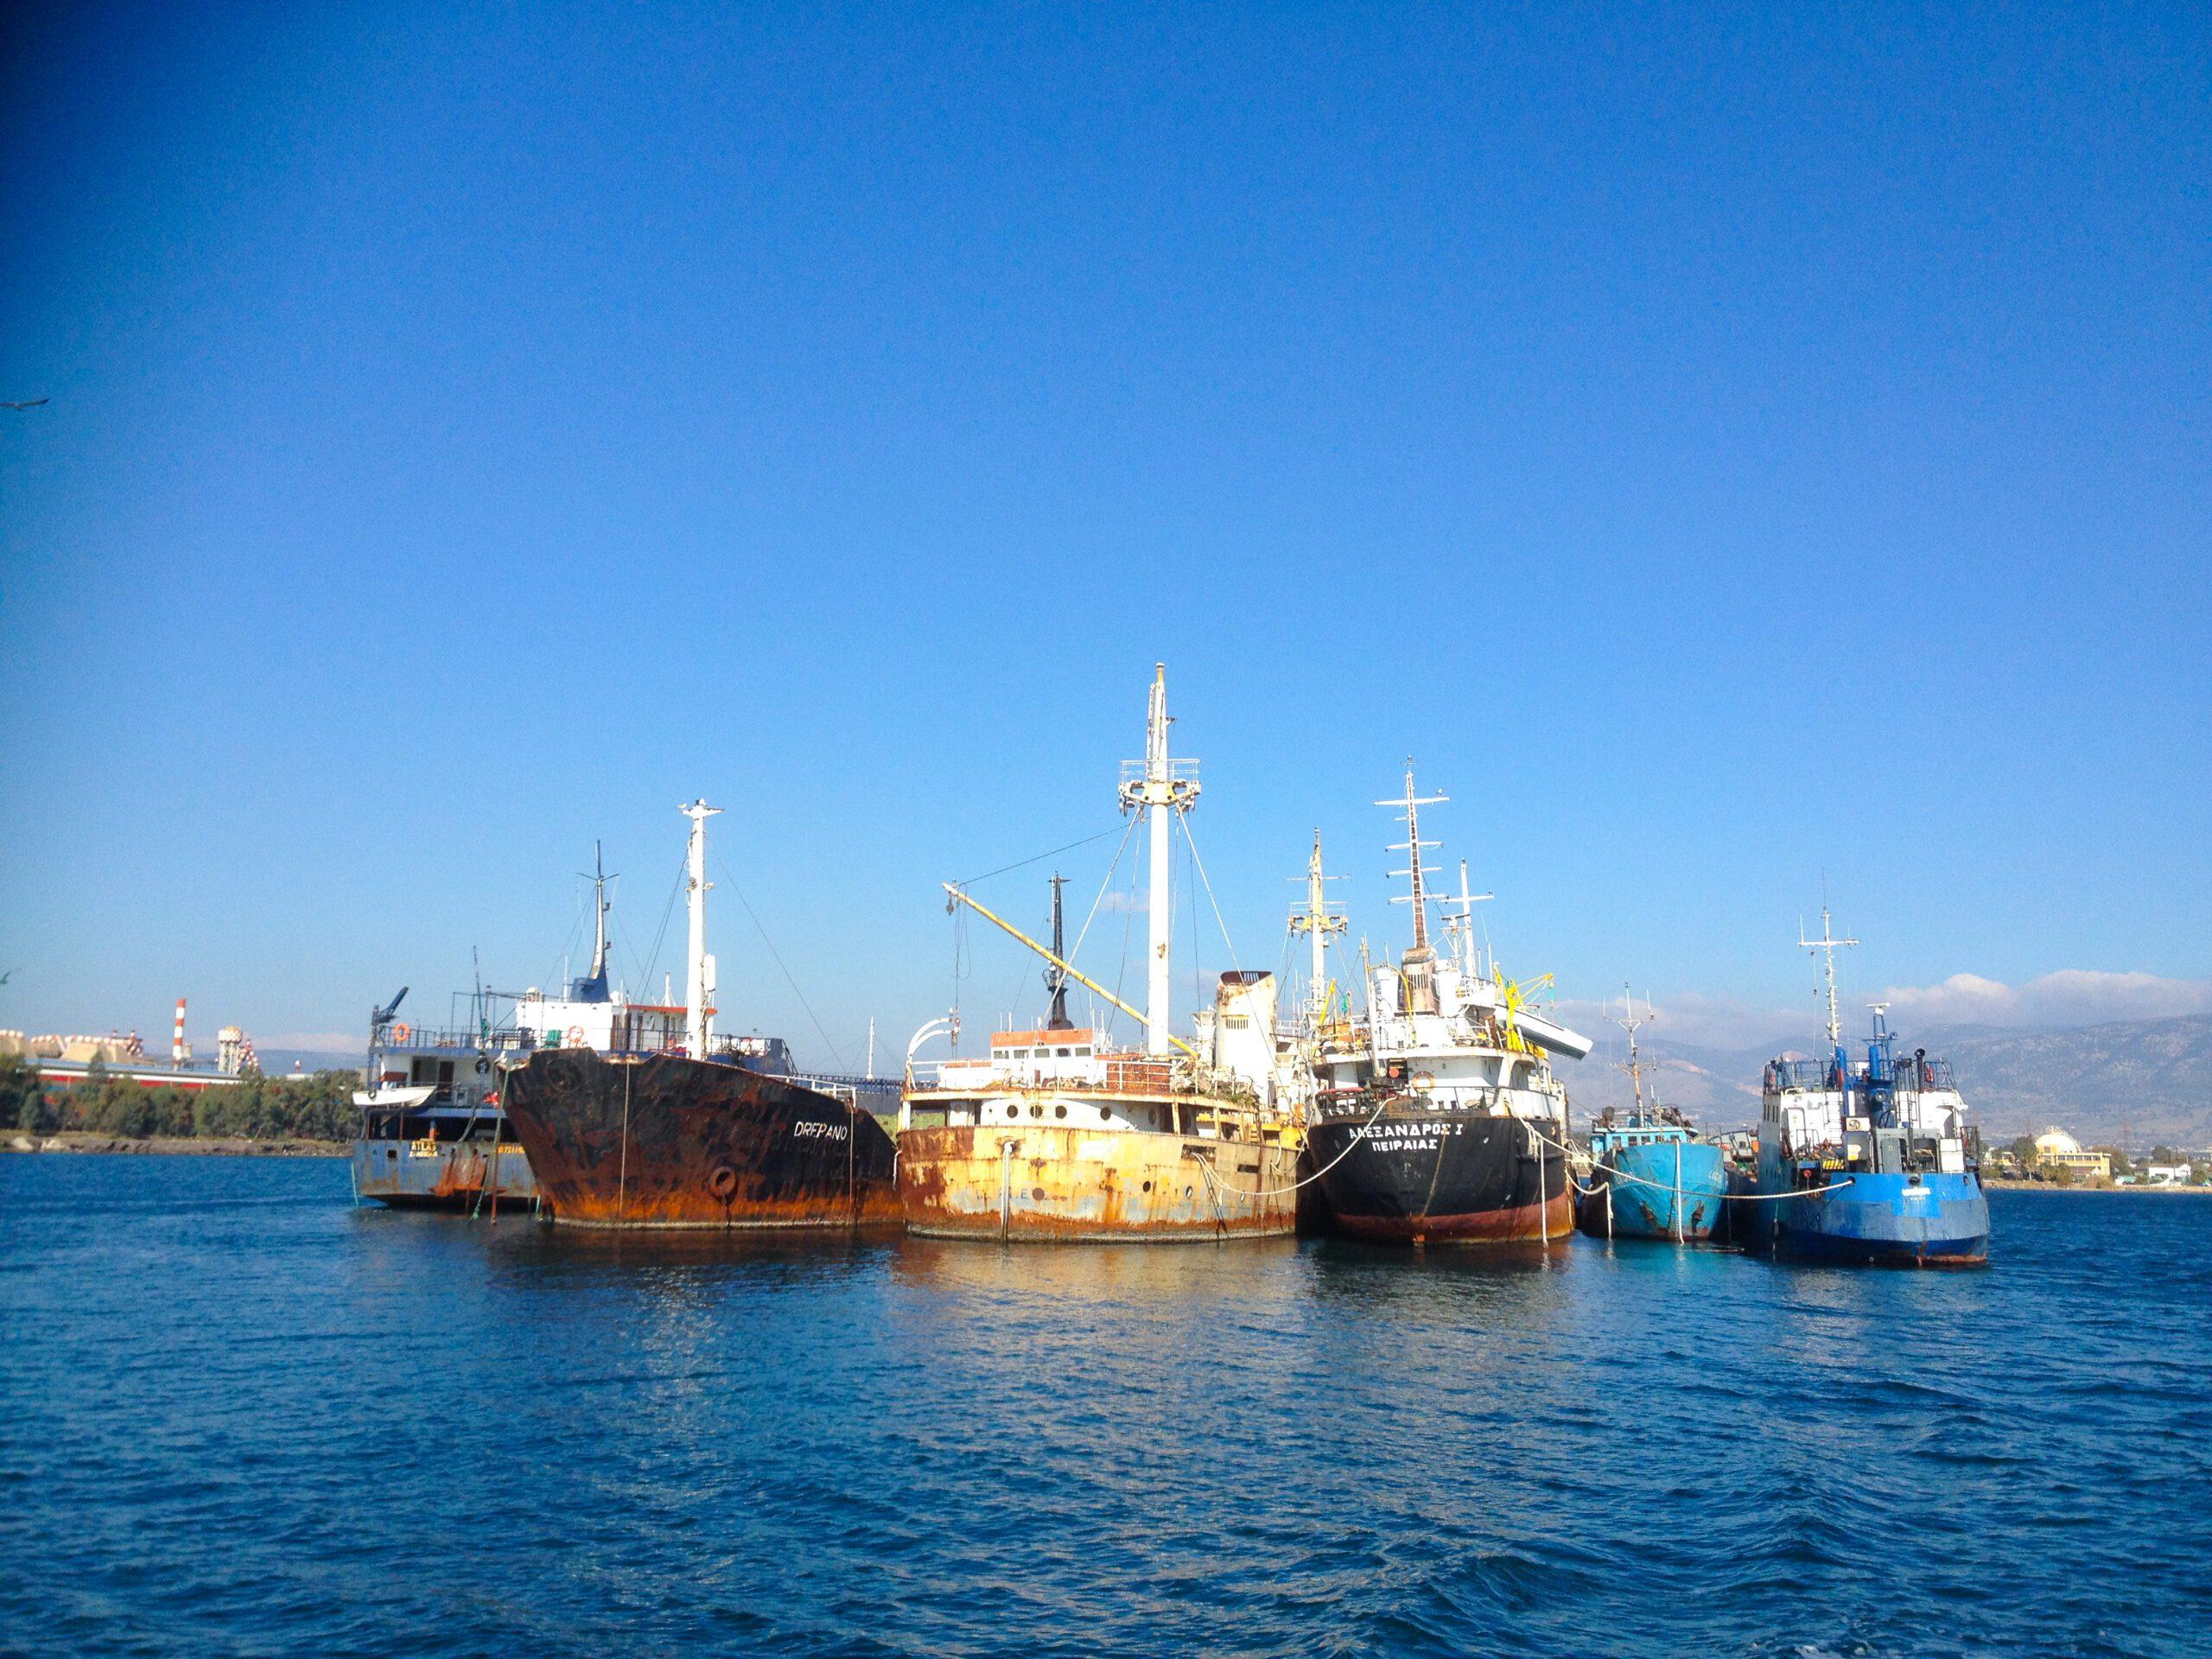 Συγκρότηση Επιτροπής Τεχνικών Συμβούλων του ΟΛΕ ΑΕ για την ανέλκυση επικίνδυνων πλοίων και ναυαγίων